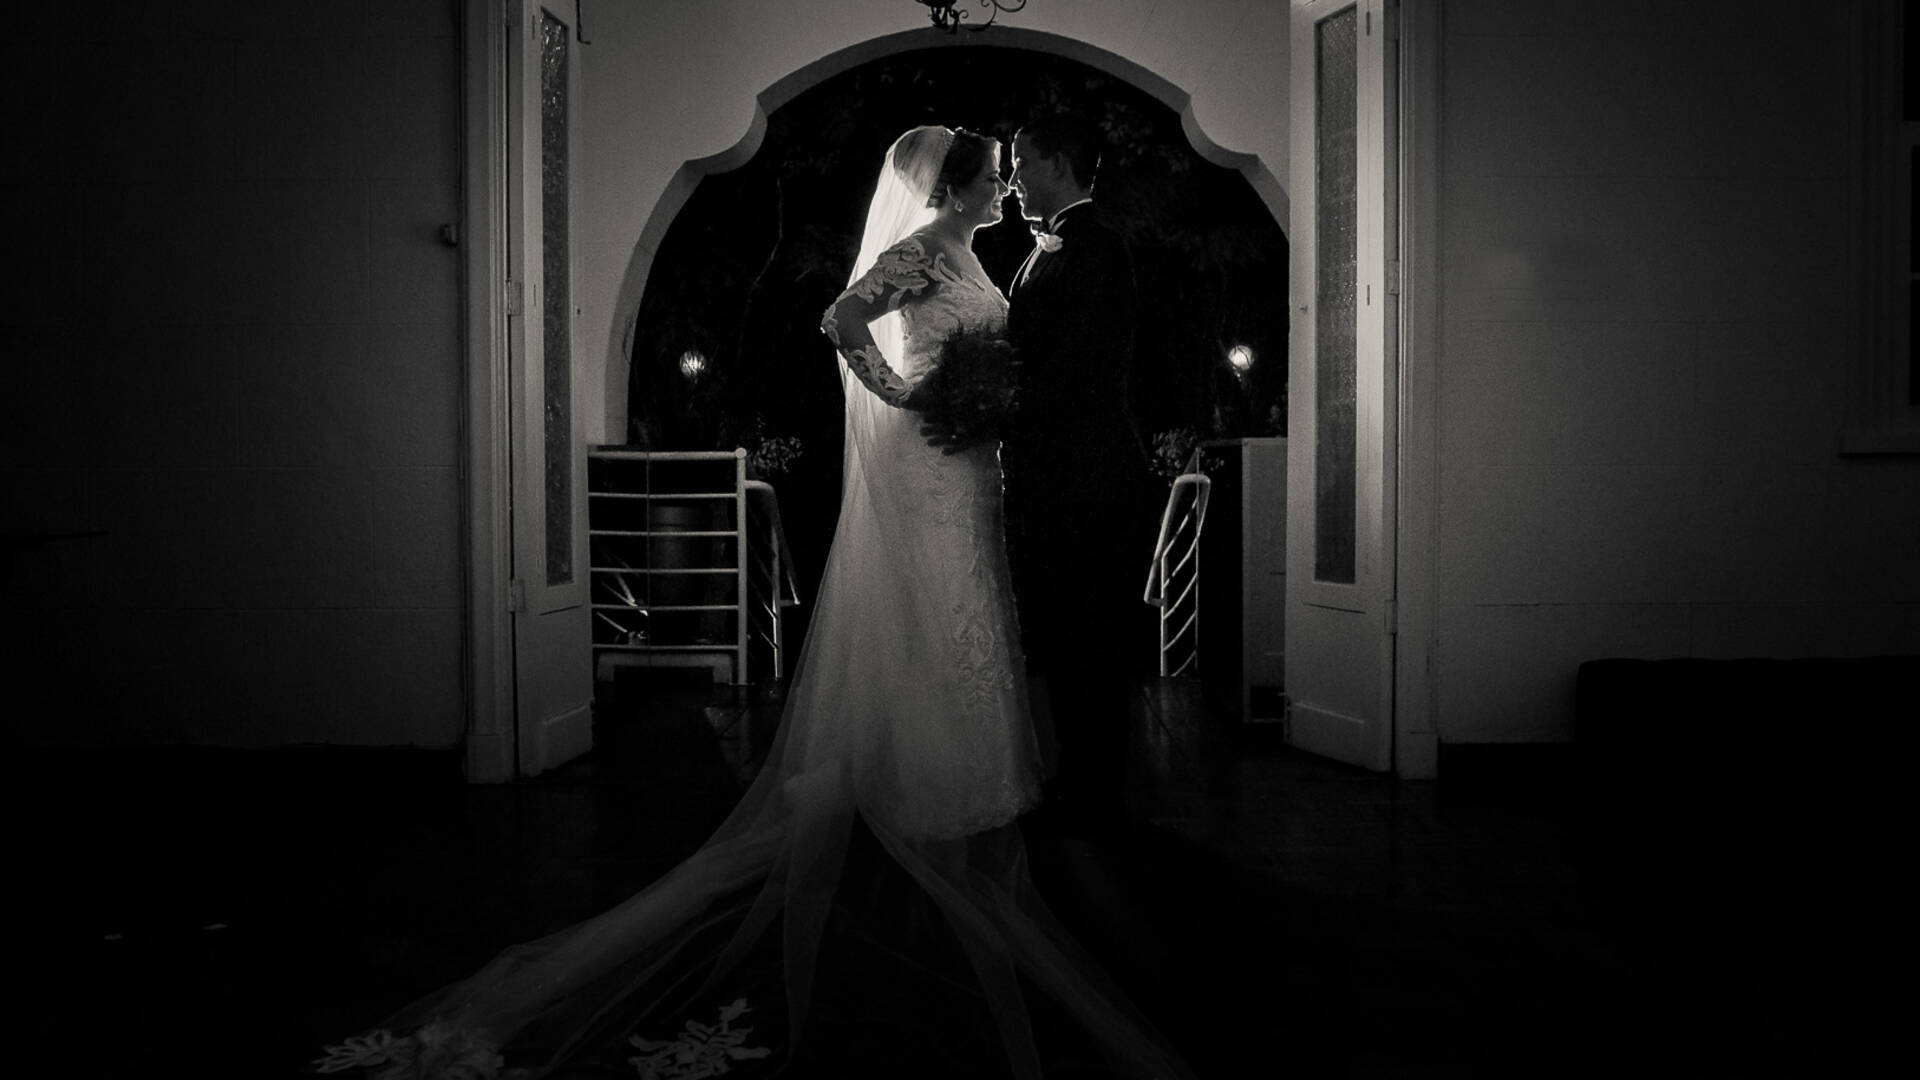 Casaemnto de Carla & Lucas